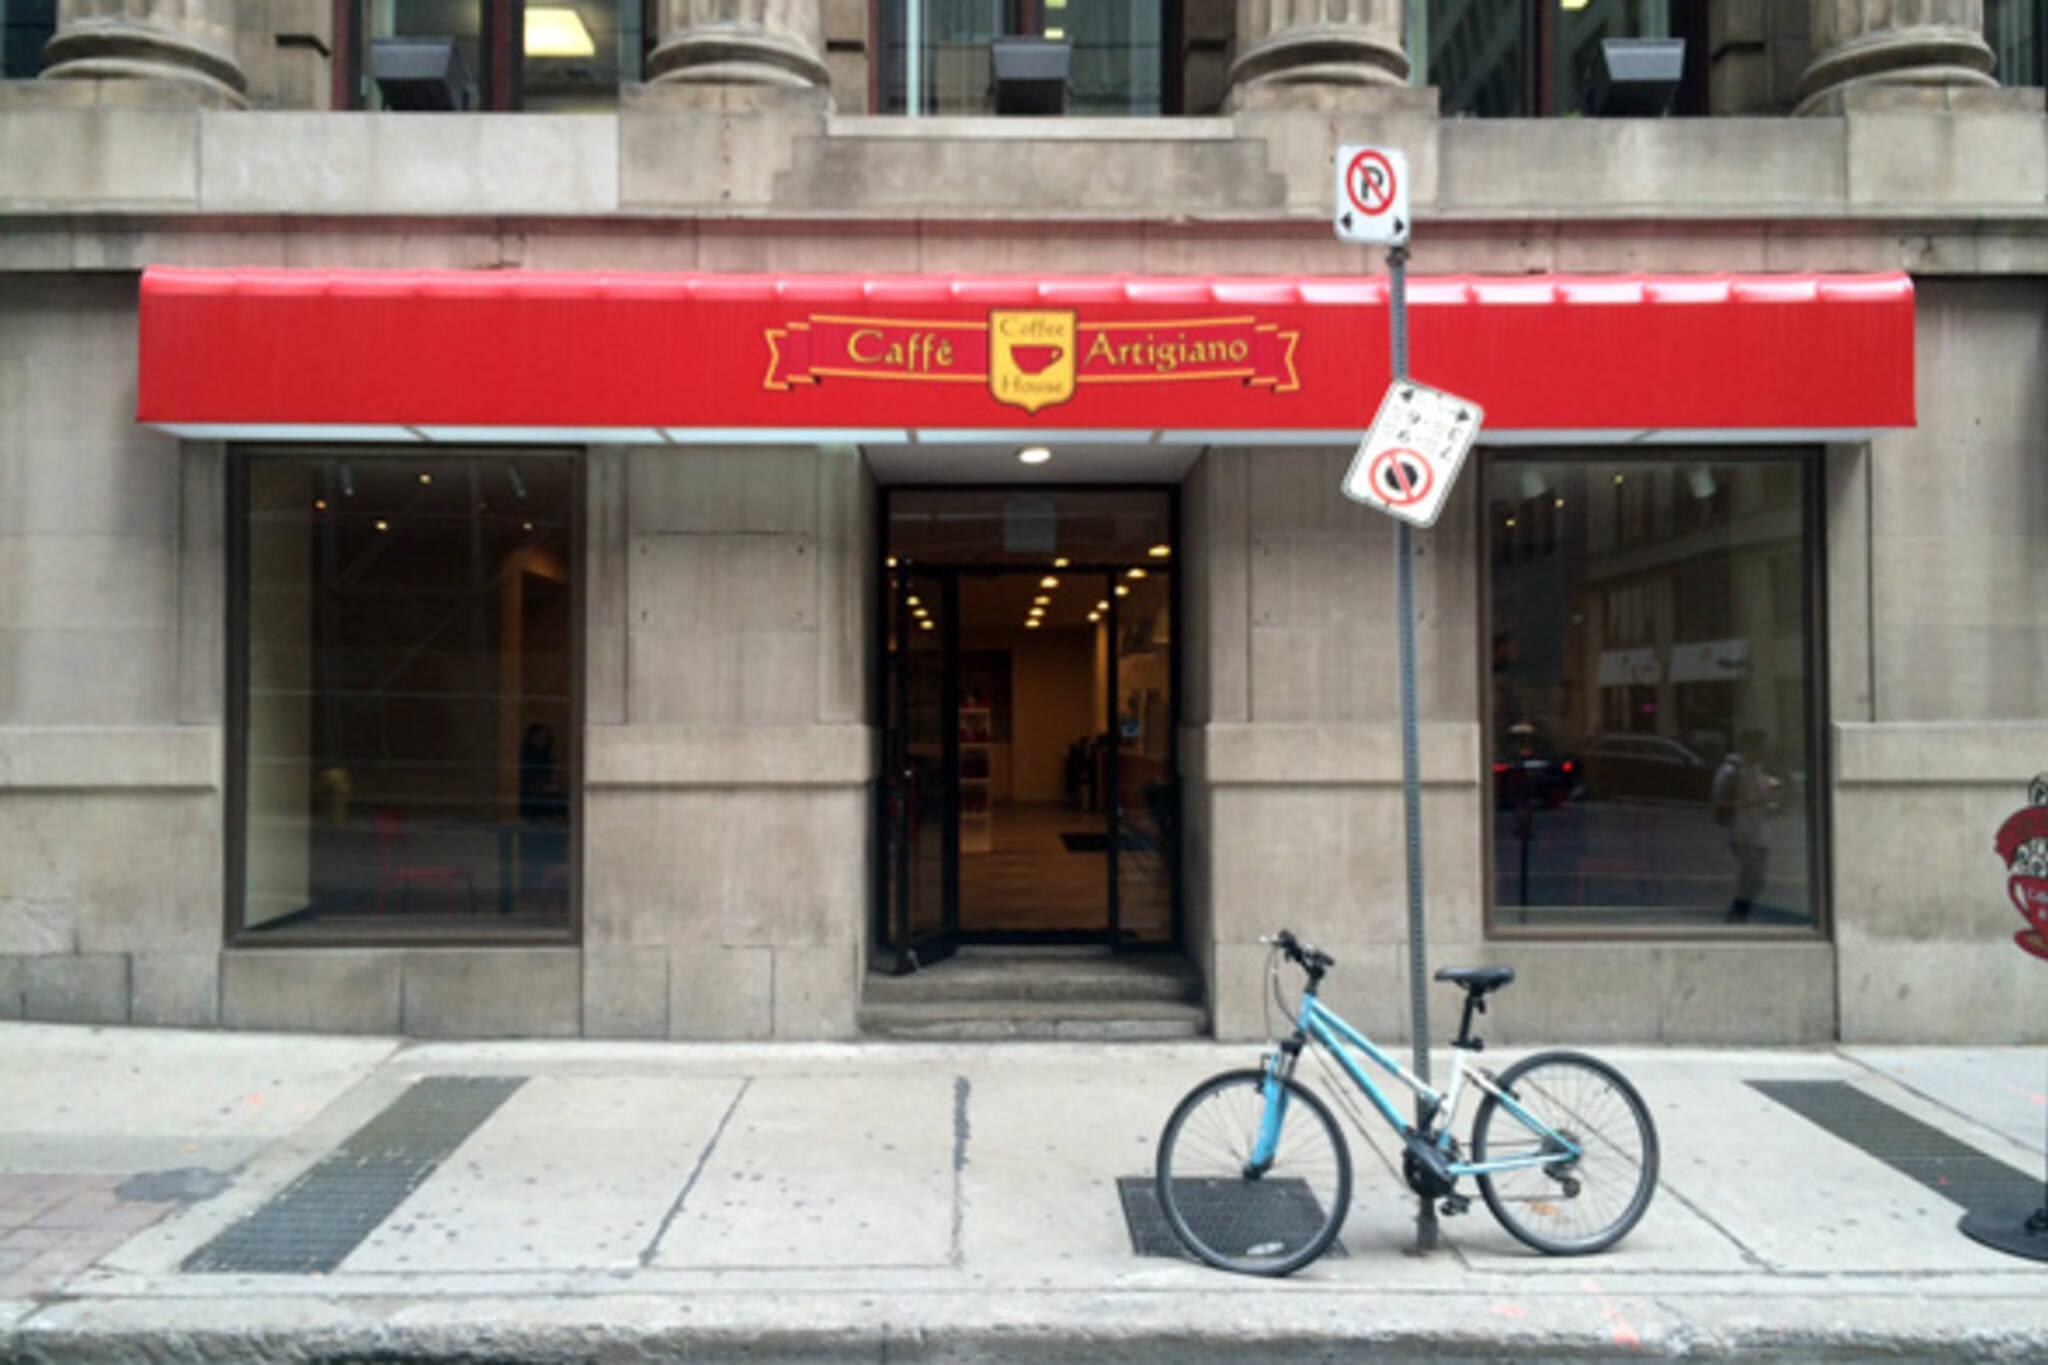 Caffe Artigiano Toronto